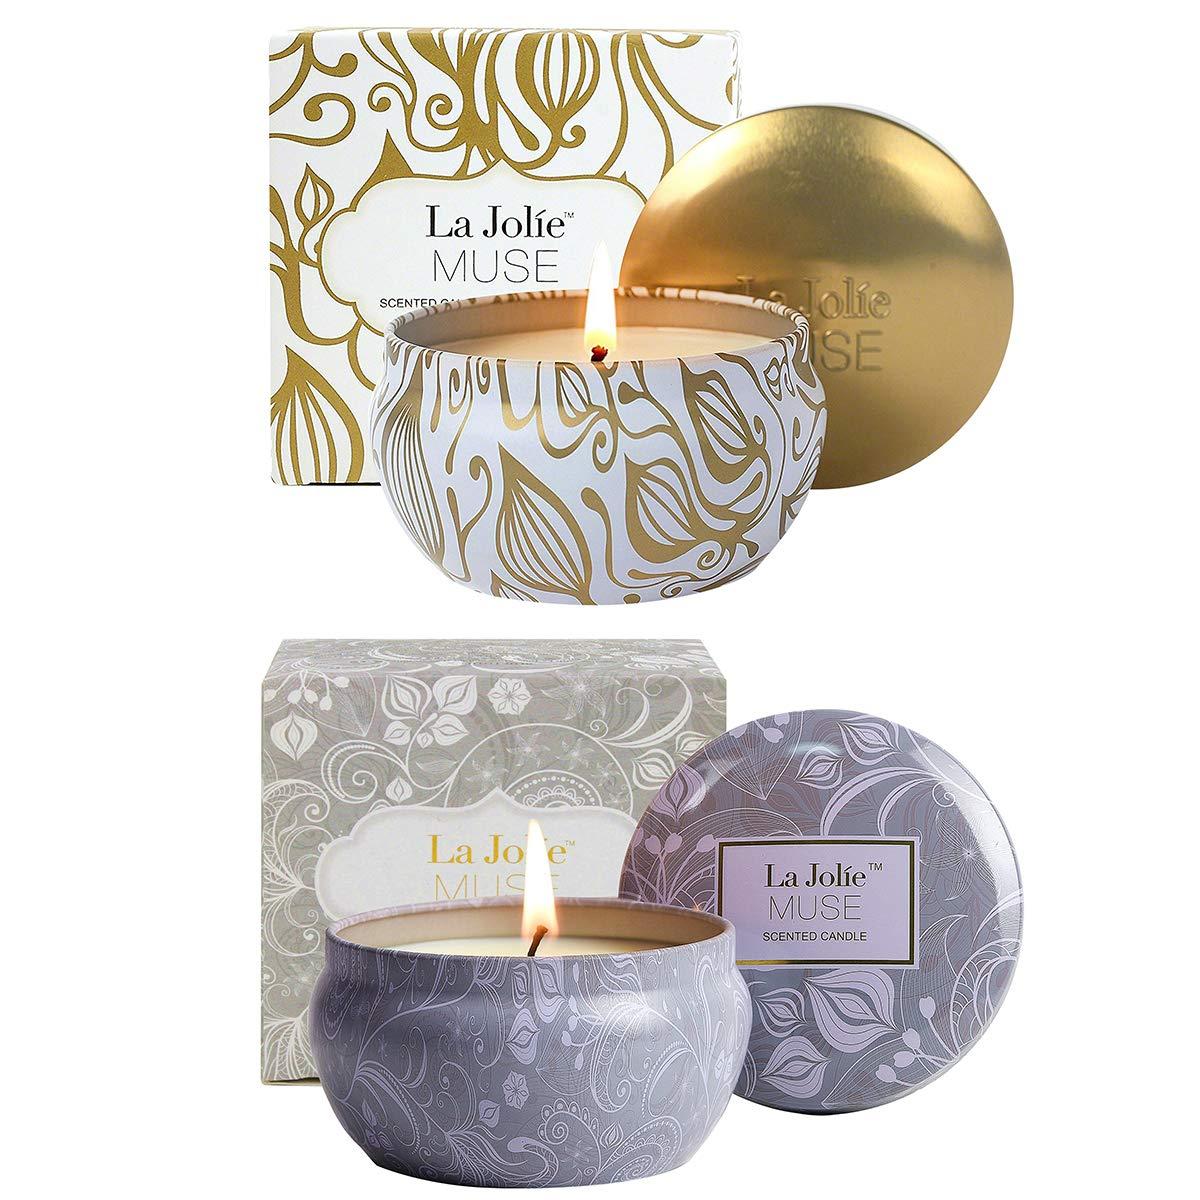 La Jolie Muse Bougie parfumé e Cire de soja Naturelle Lot de 2 Automne Hiver Collection Cadeau de Noë l Vacance Voyage de 55 Heures Aromathé rapie La Jolíe Muse